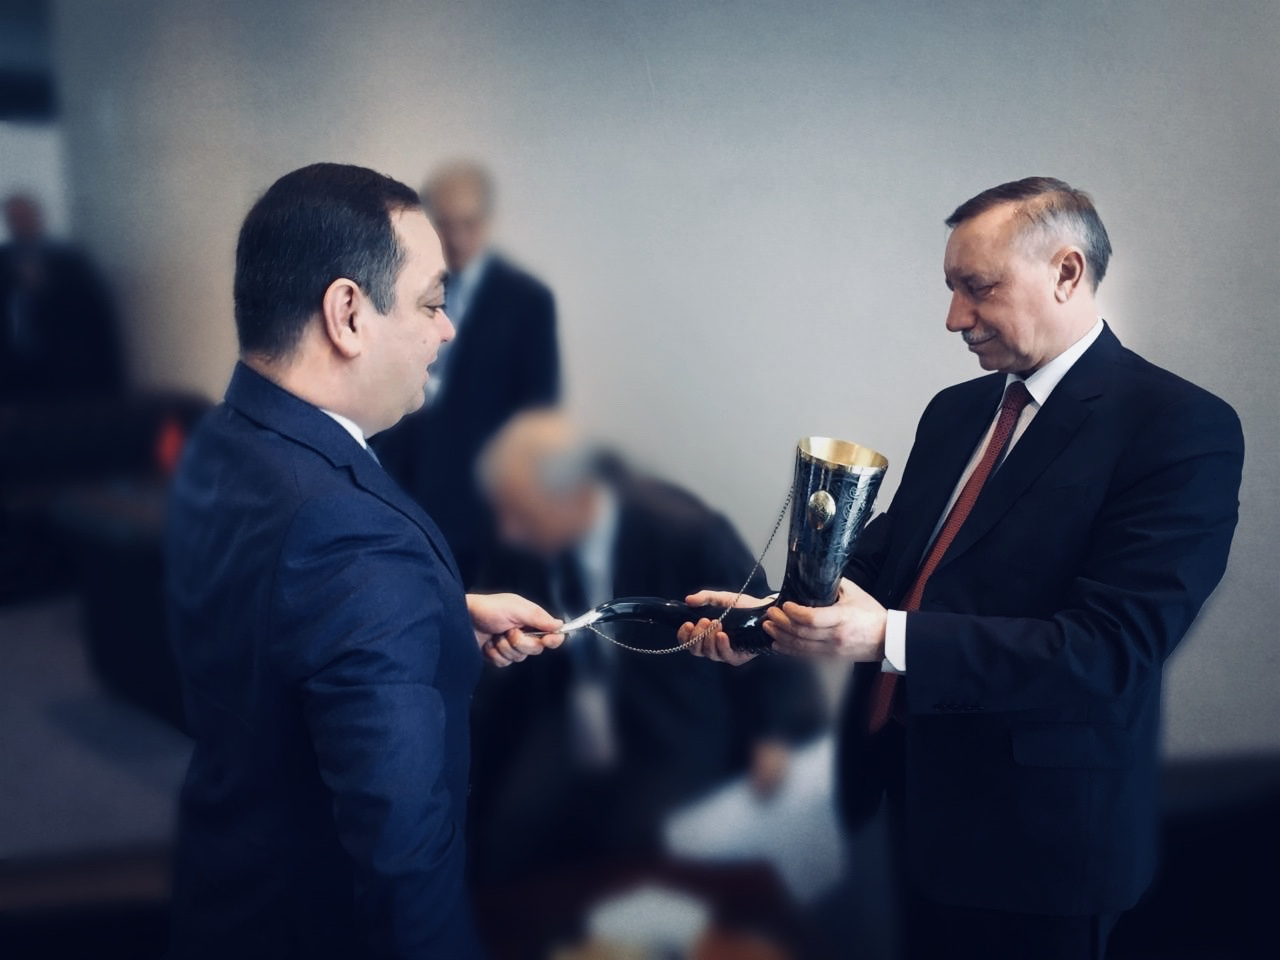 В Санкт-Петербурге состоялась встреча Знаура Гассиева и Александра Беглова